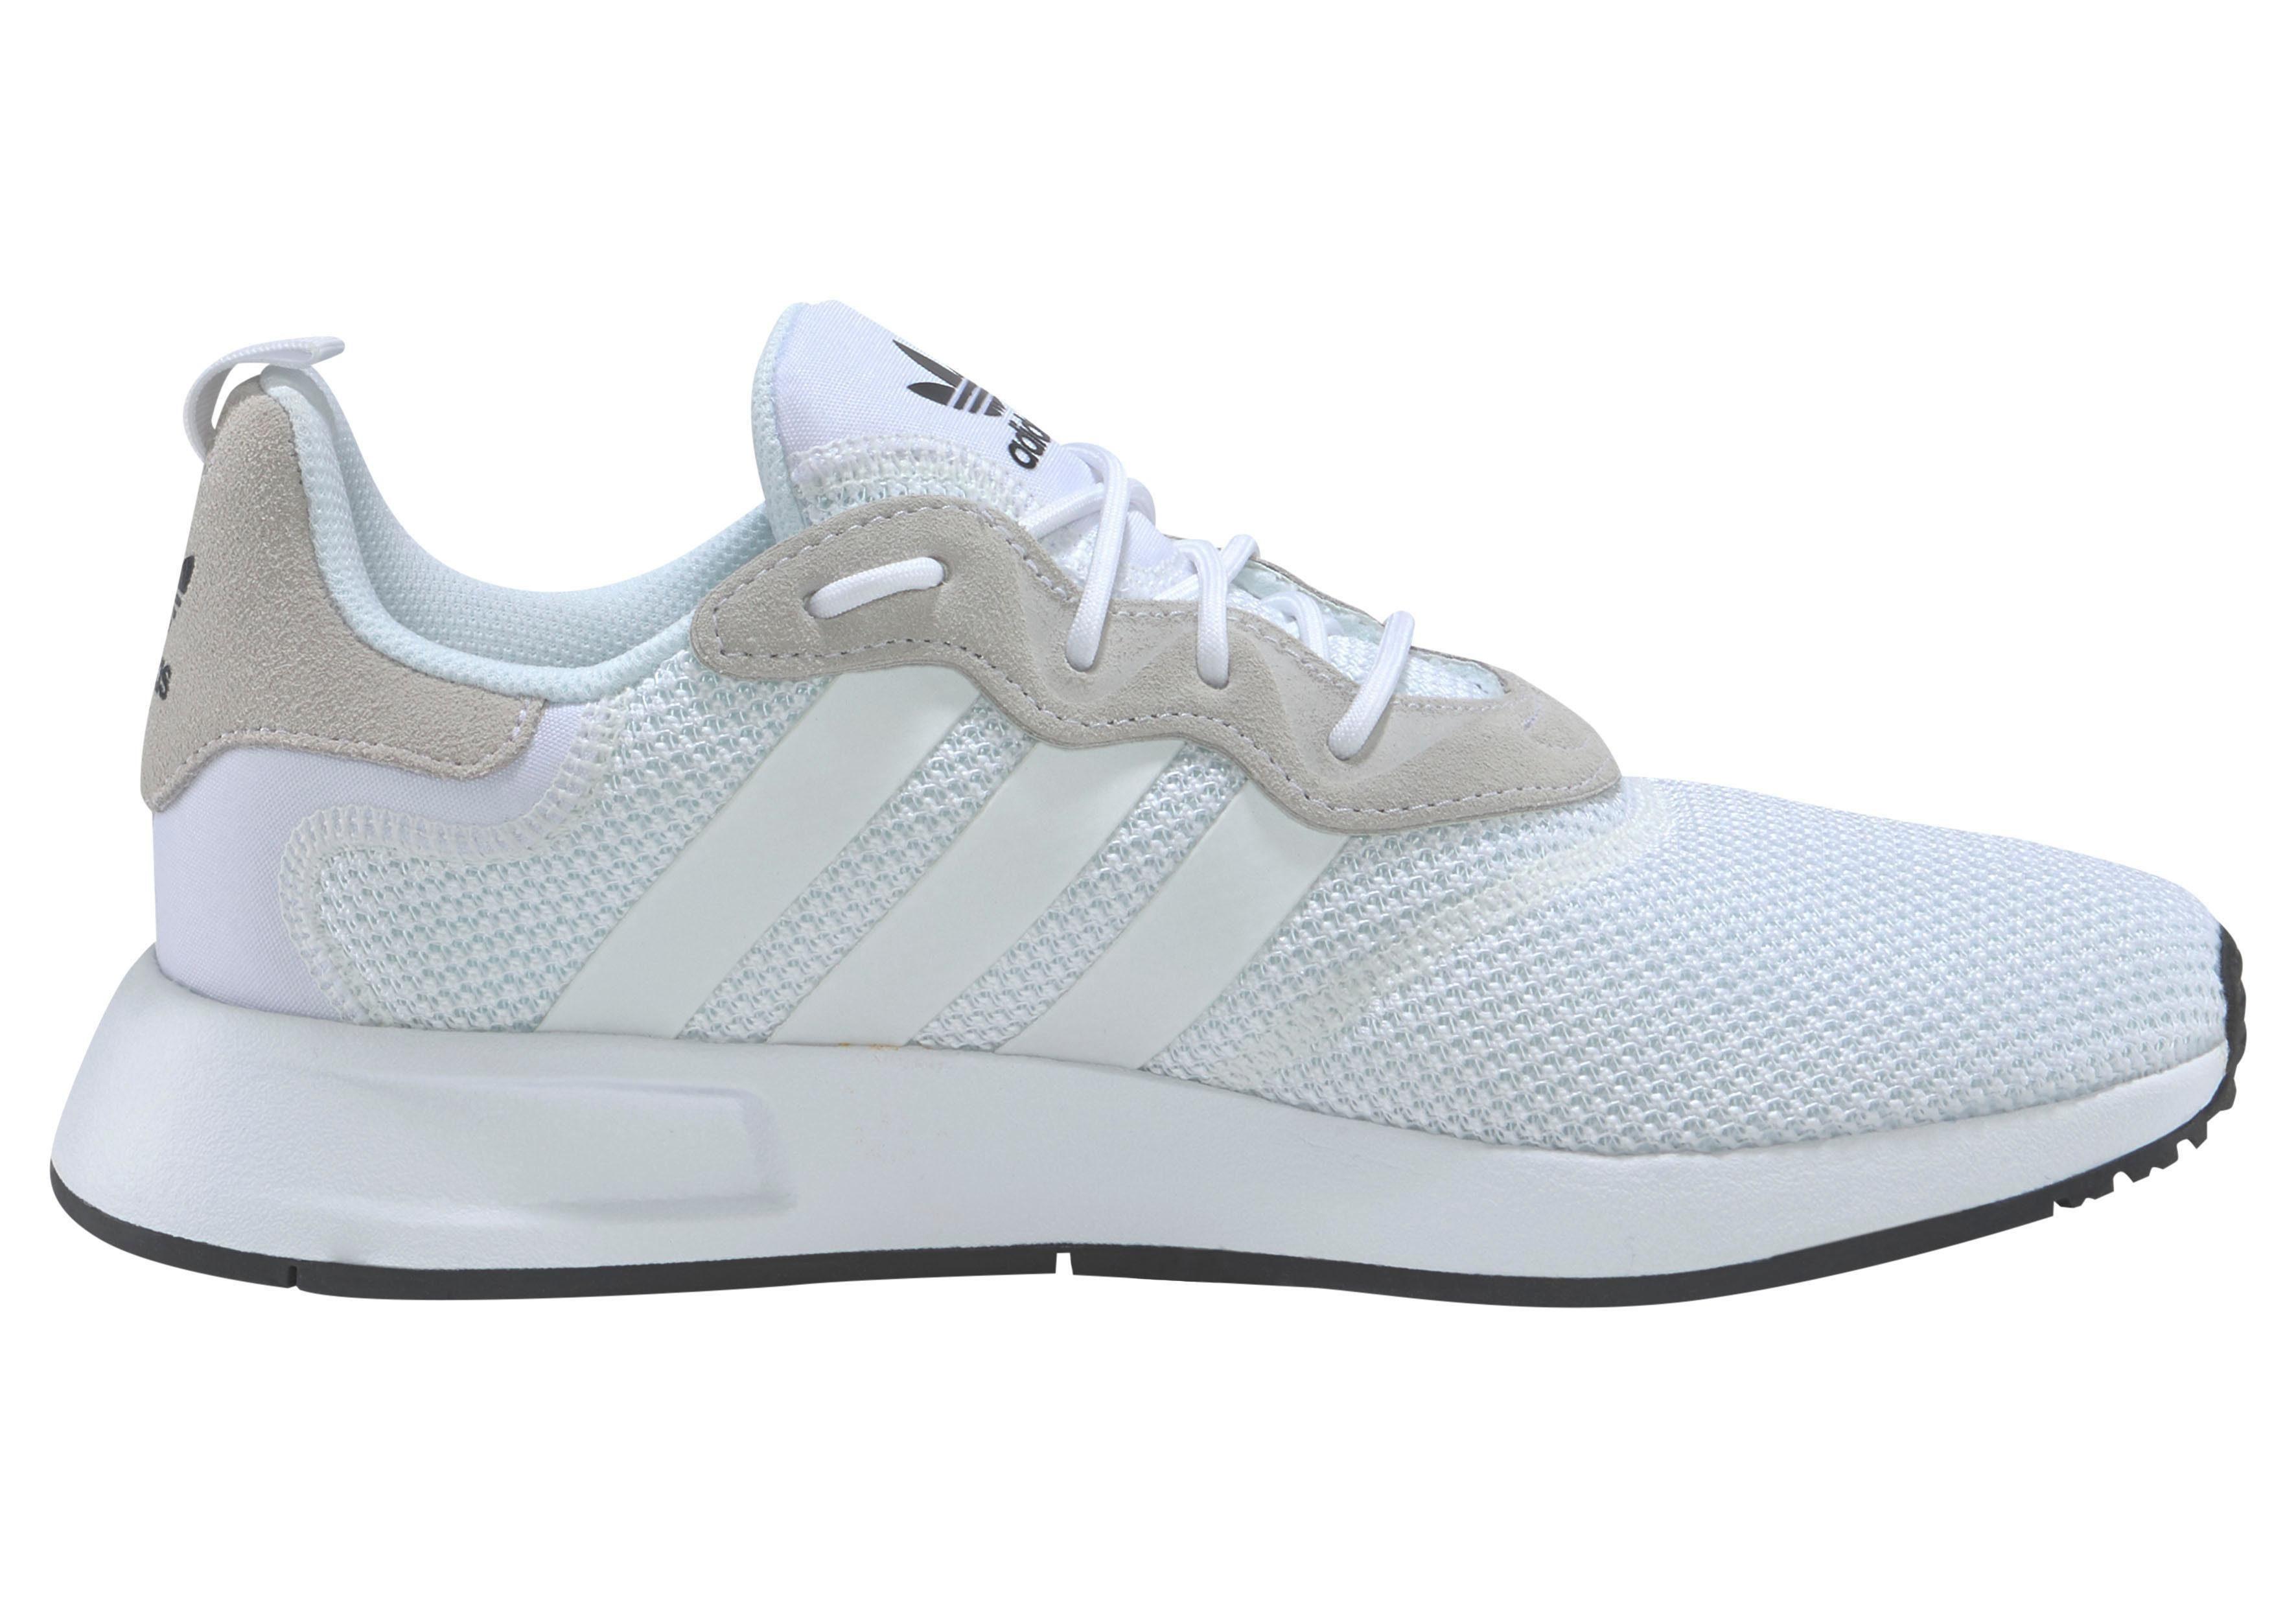 Sneaker gekleurde veters Adidas X_PLR goedkoop? | BESLIST.nl